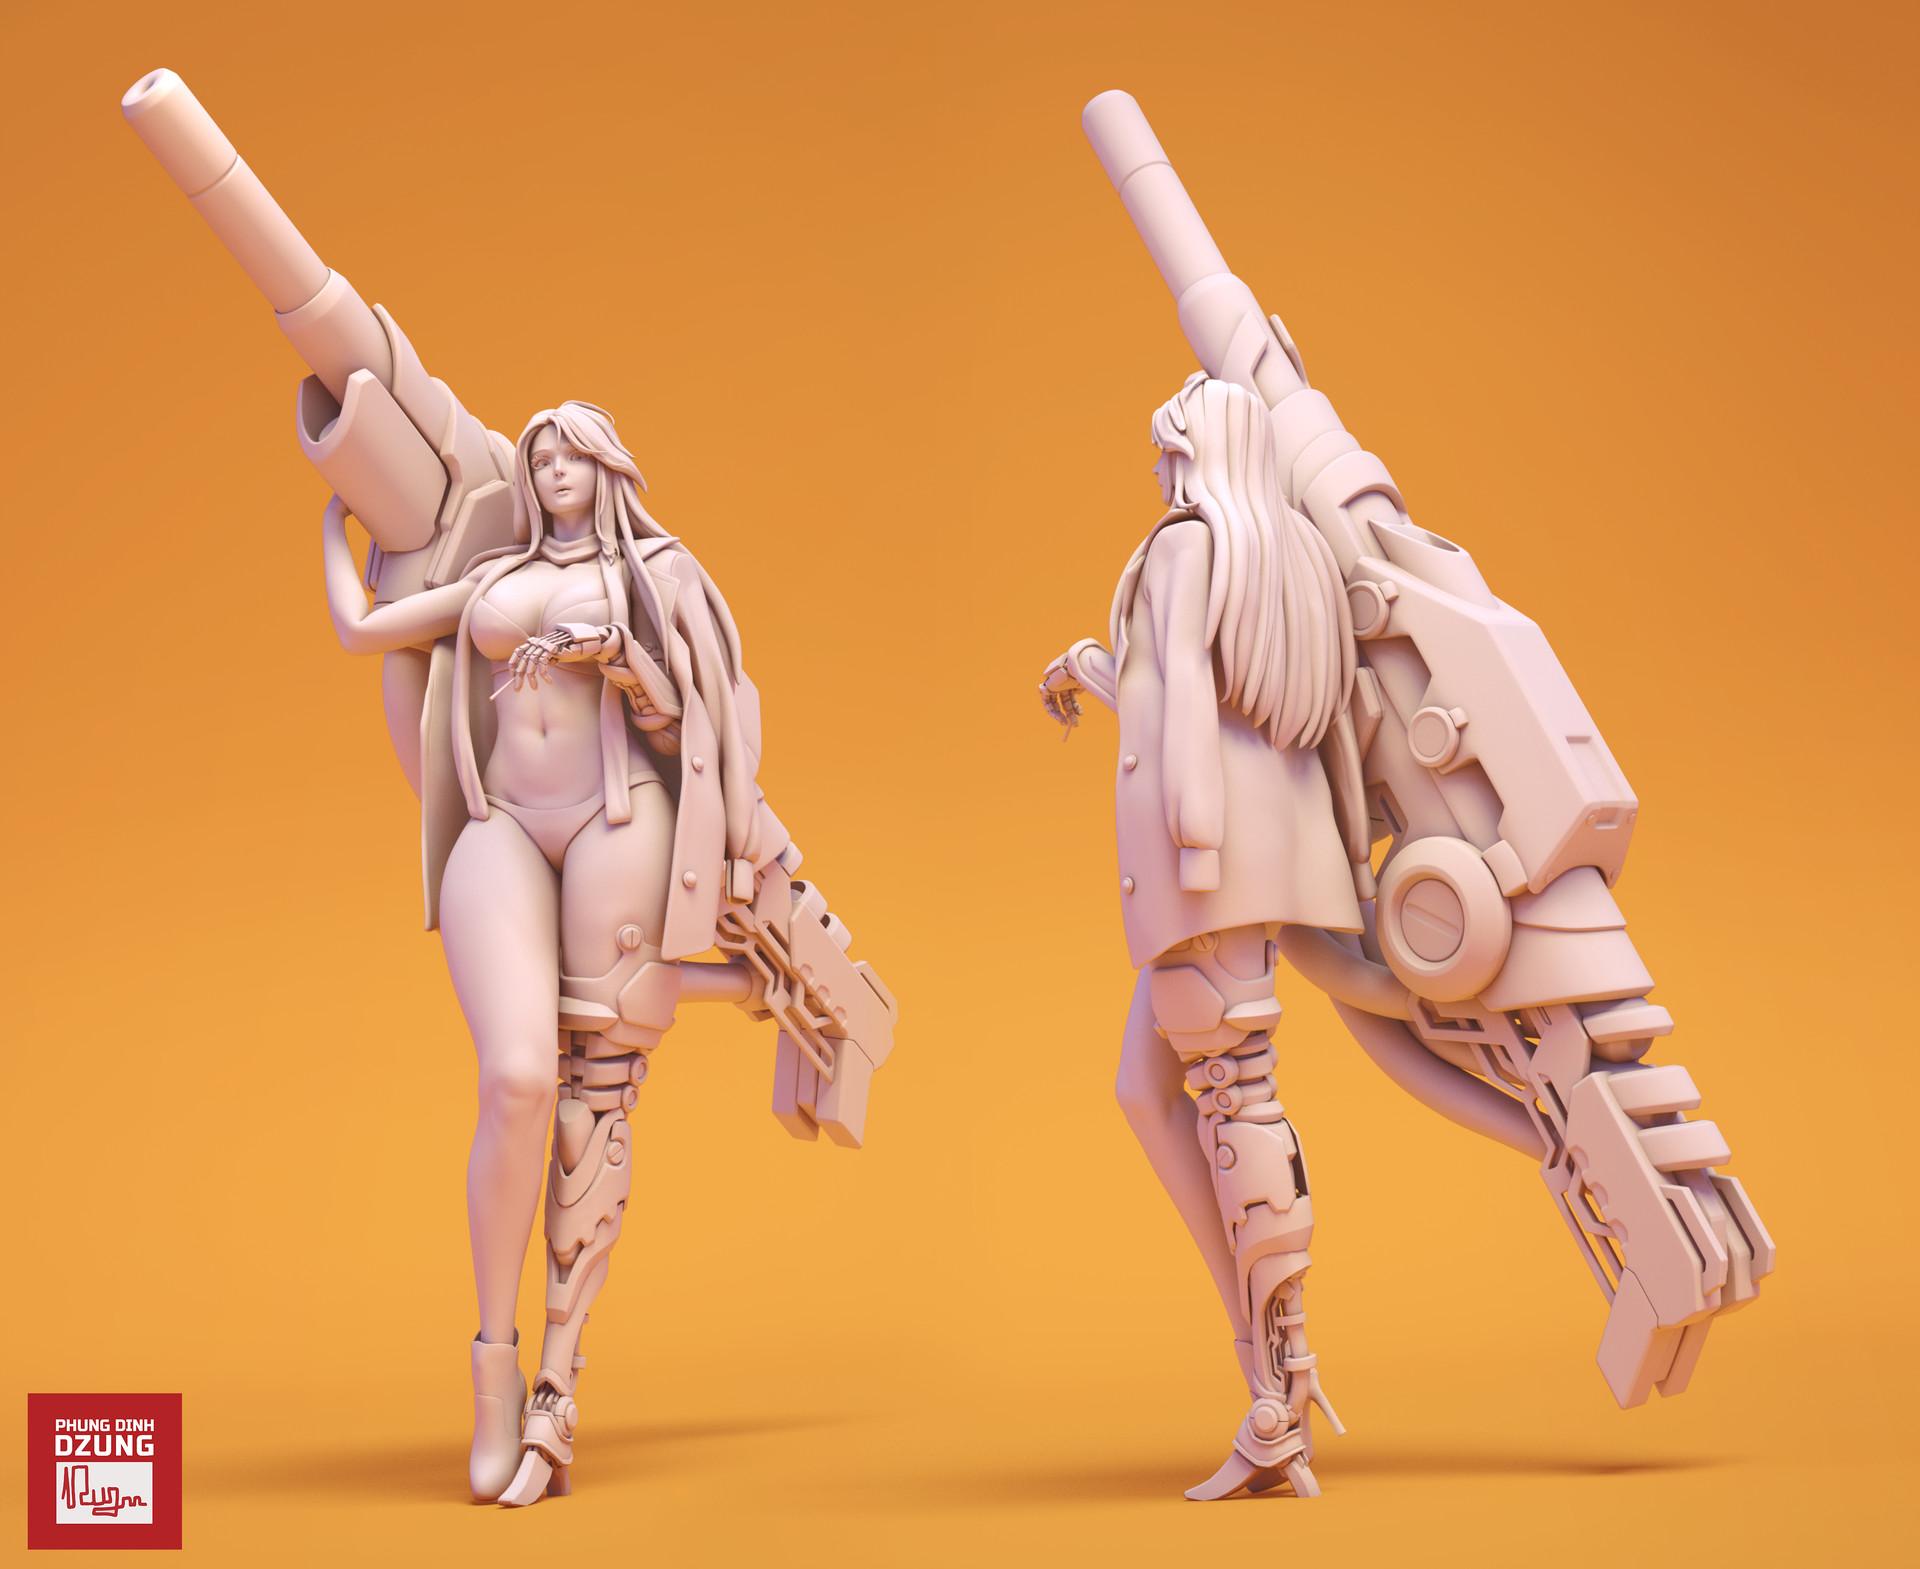 Dzung phung dinh milita sculptrender 002